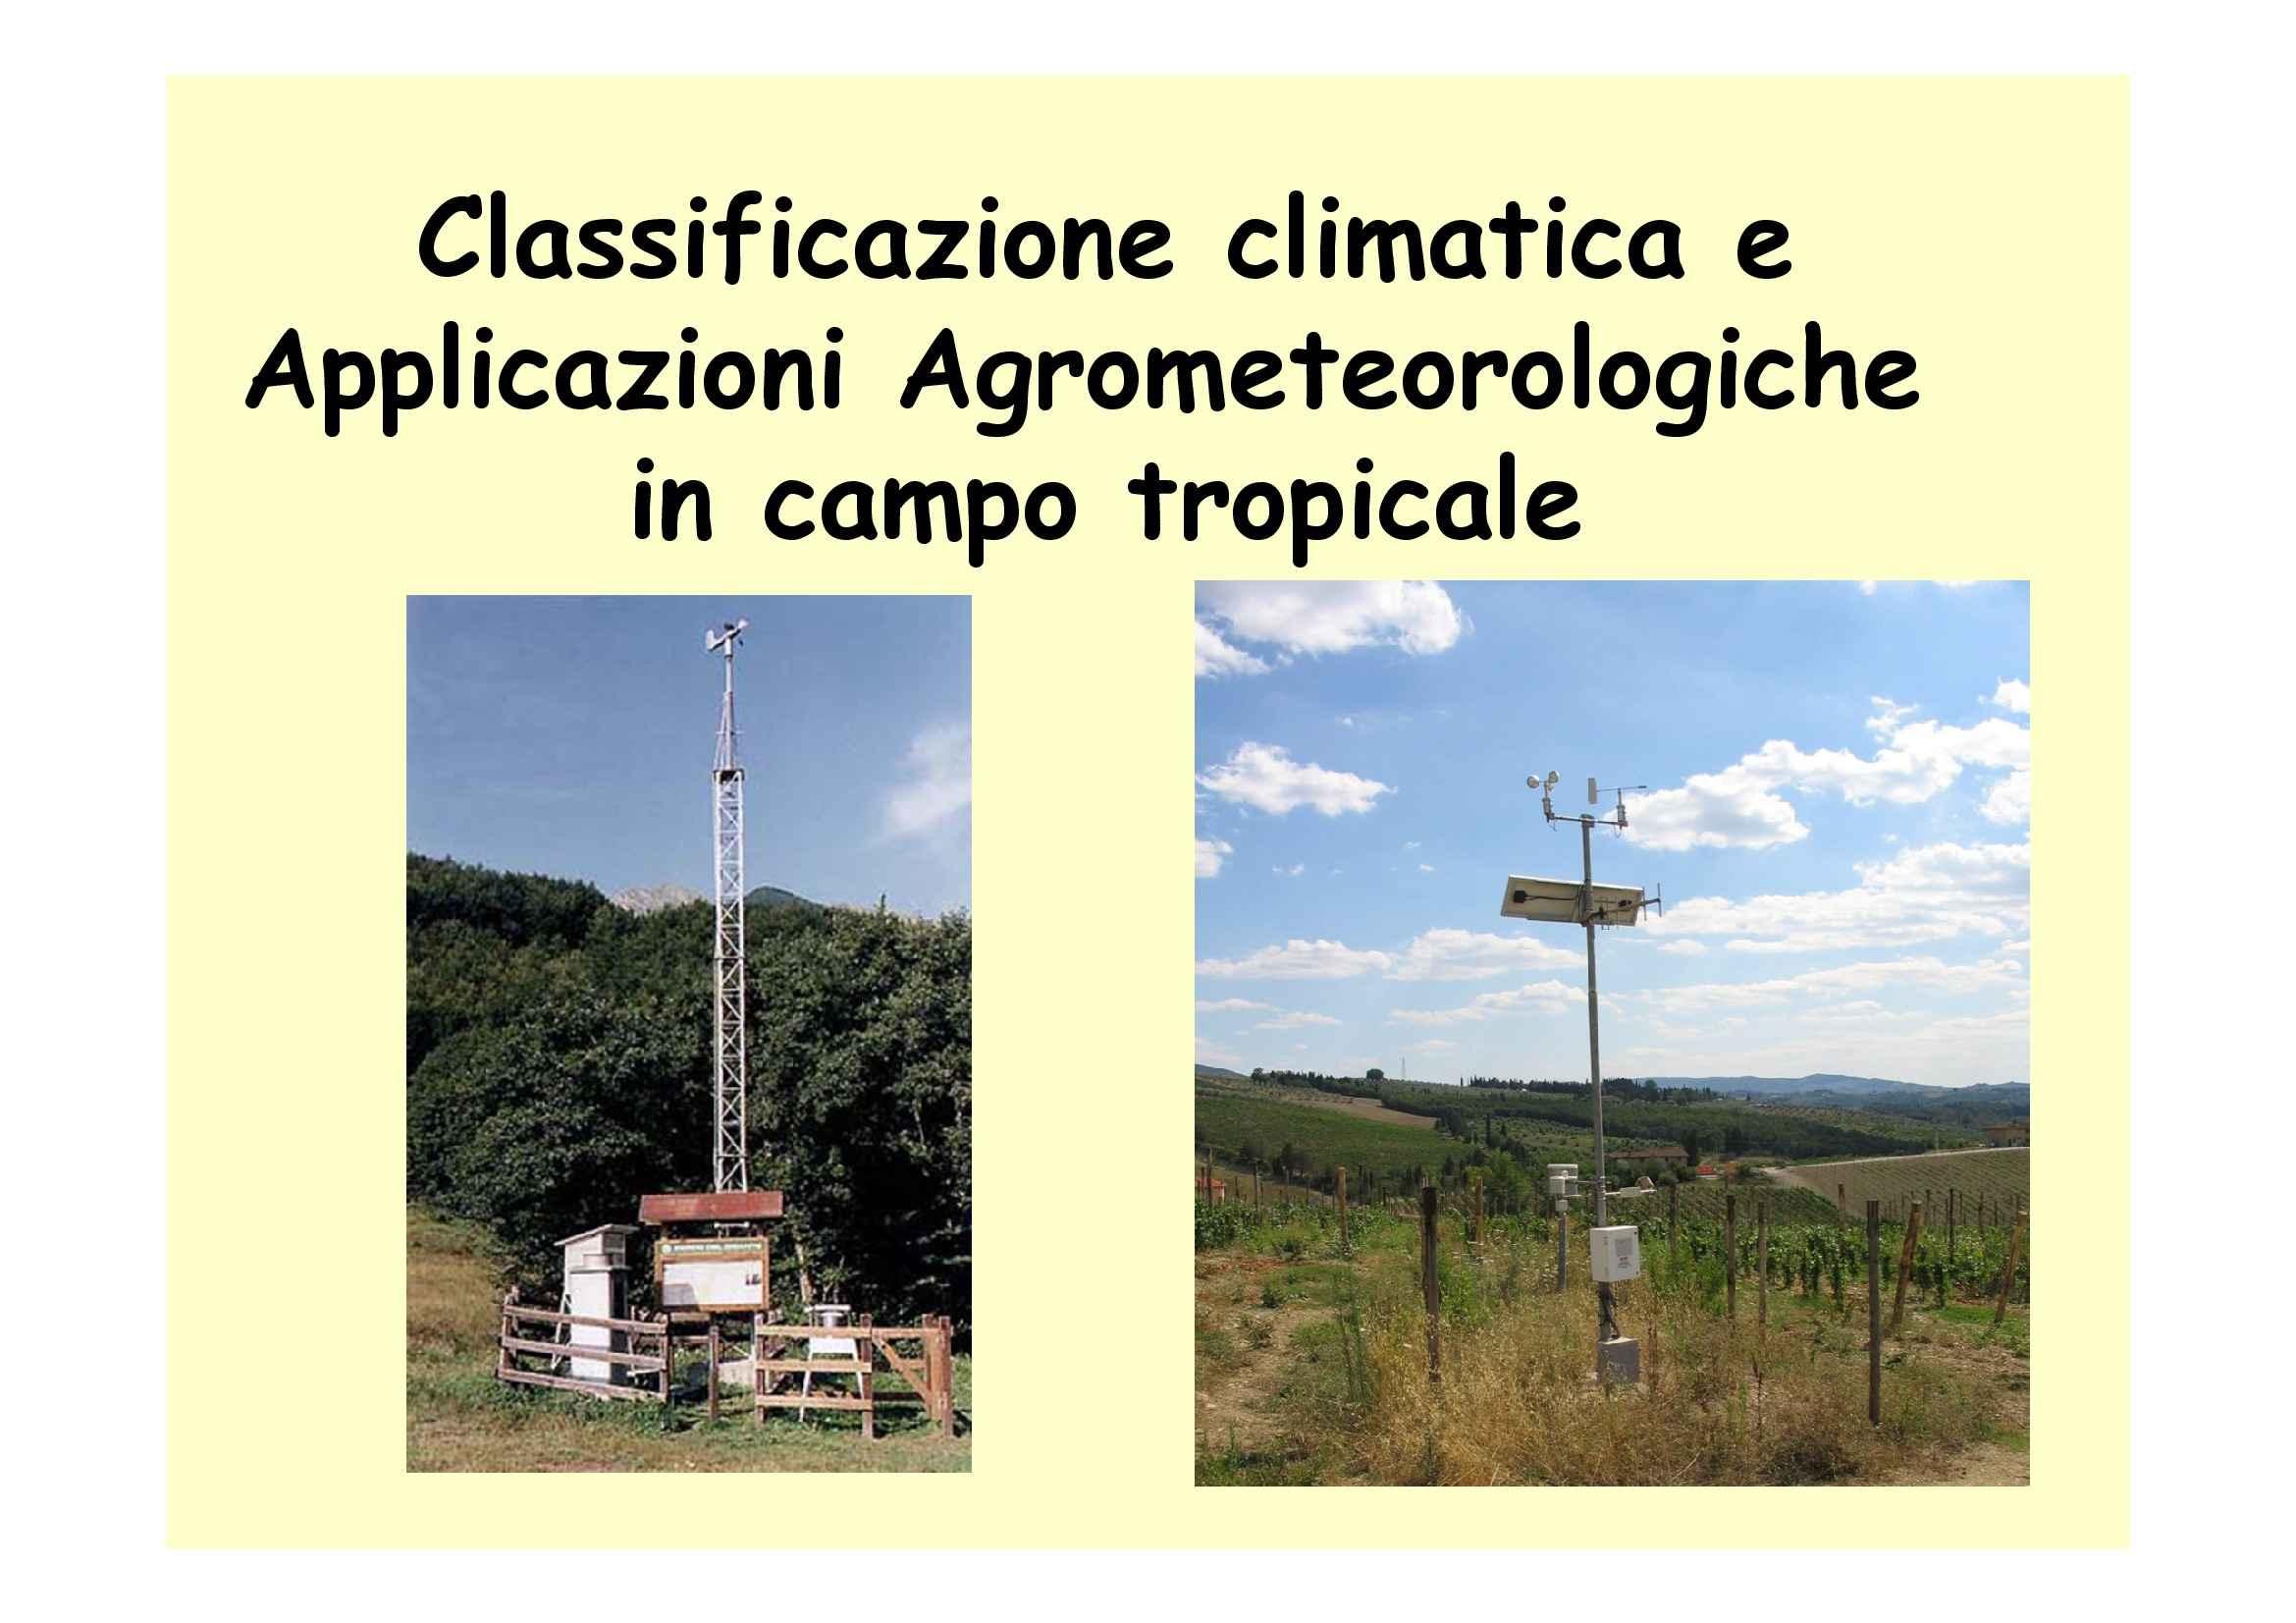 Classificazione climatica e applicazioni agrometeorologiche